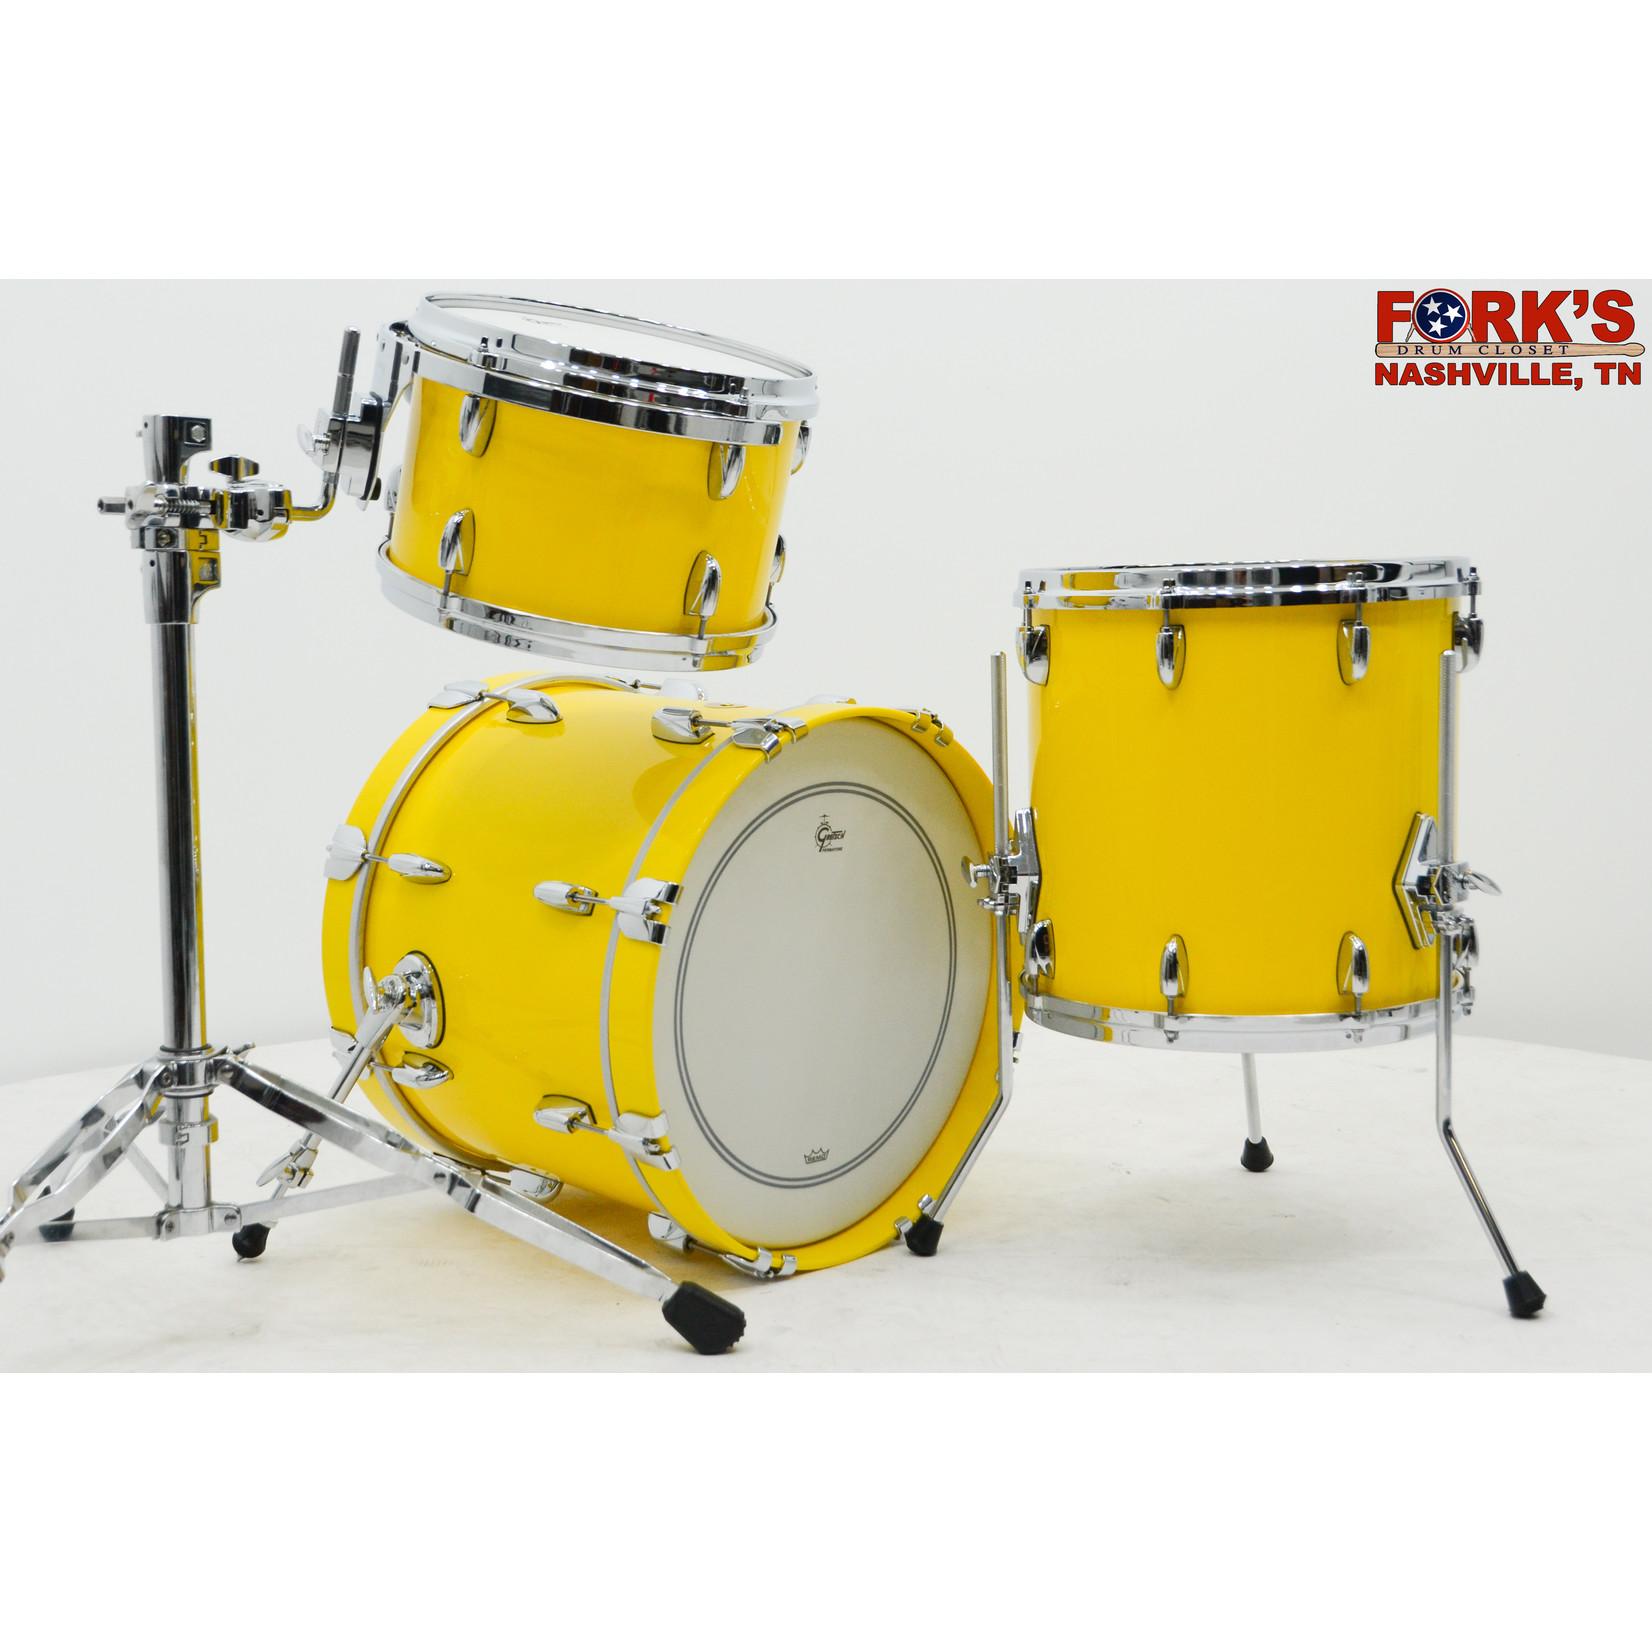 """Gretsch Gretsch USA 3pc Drum Set """"Solid Yellow Gloss"""""""